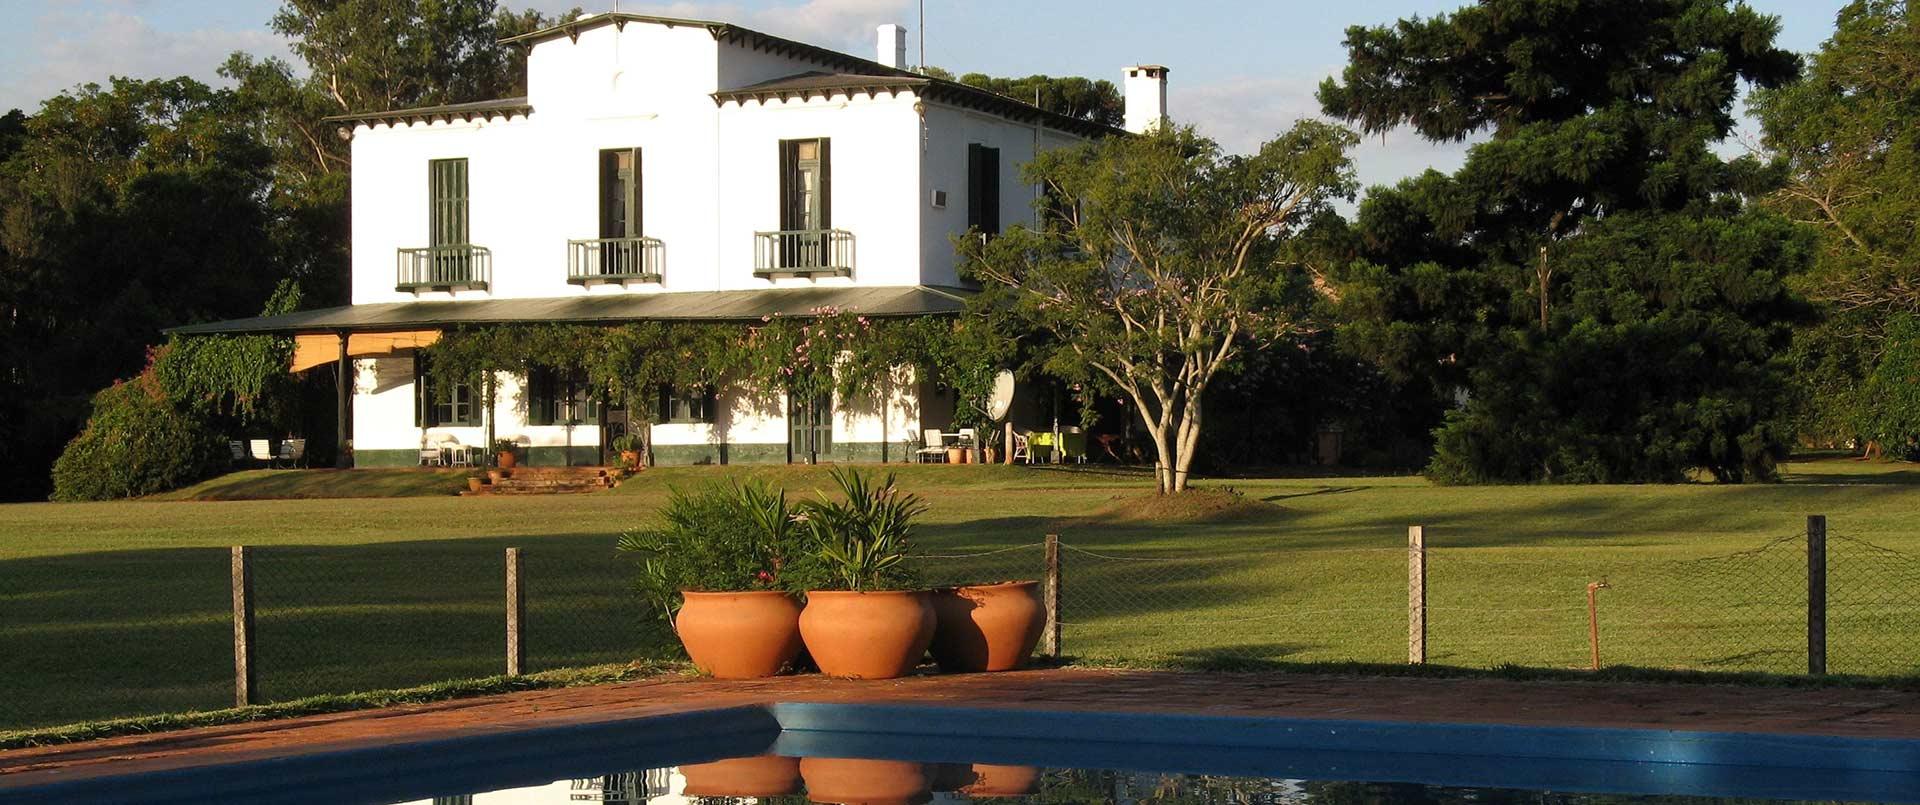 Estancia Santa Cecilia Ranch, Argentina